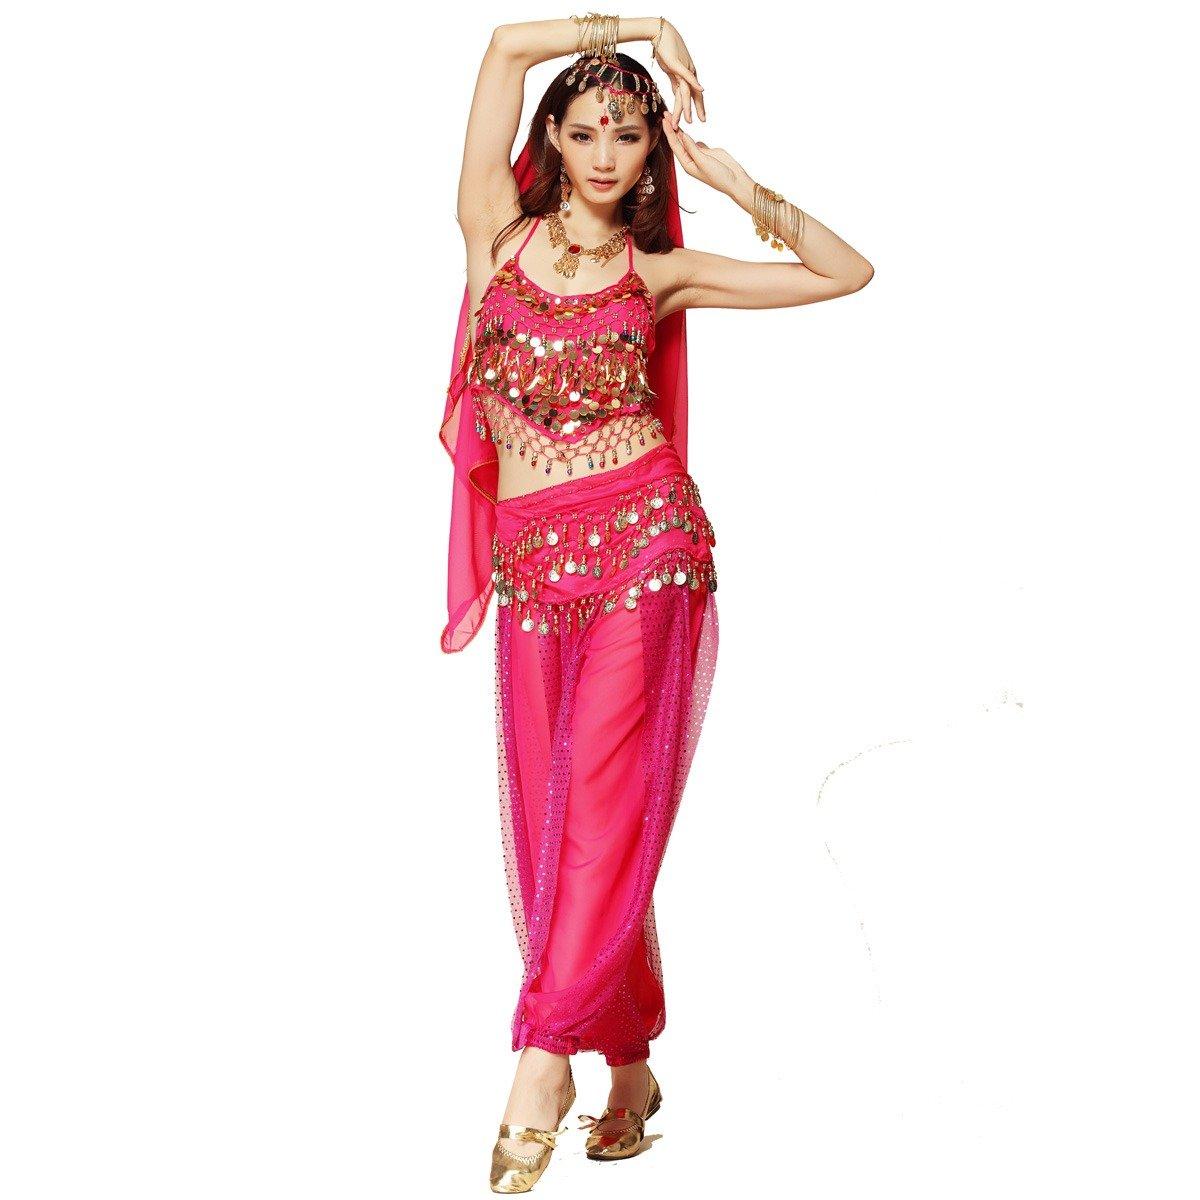 Bauchtanz-Kostüm für Damen von Best Dance, bestehend aus Oberteil mit Perlen und Glöckchen, Haremshose und einem Hüfttuch.